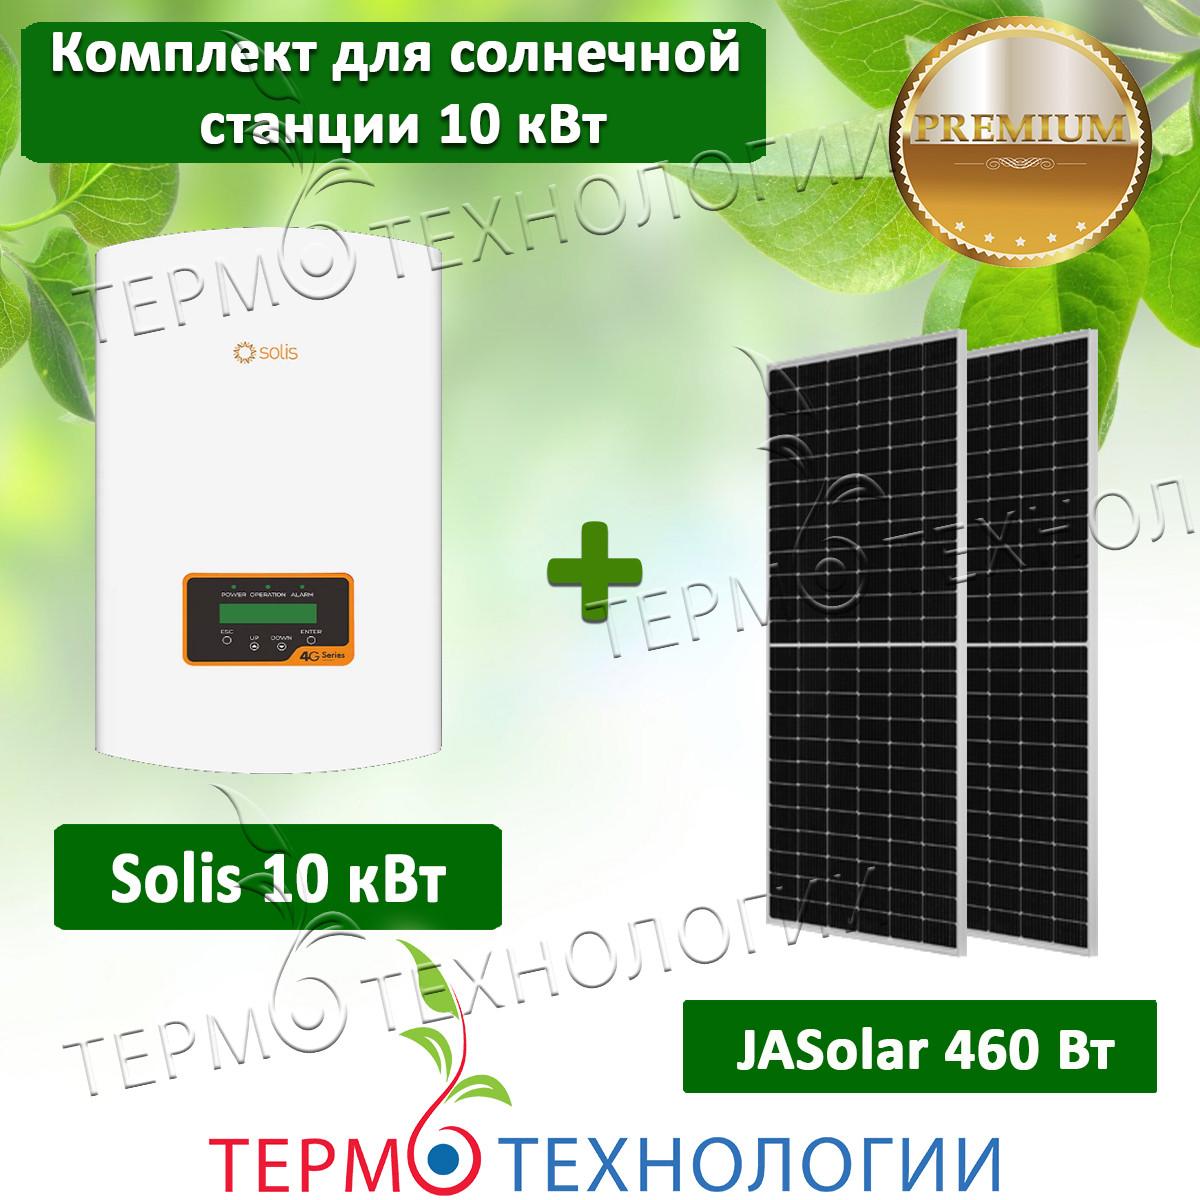 Комплект для сетевой солнечной станции 10 кВт Solis 10 кВт и JaSolar 460 Вт